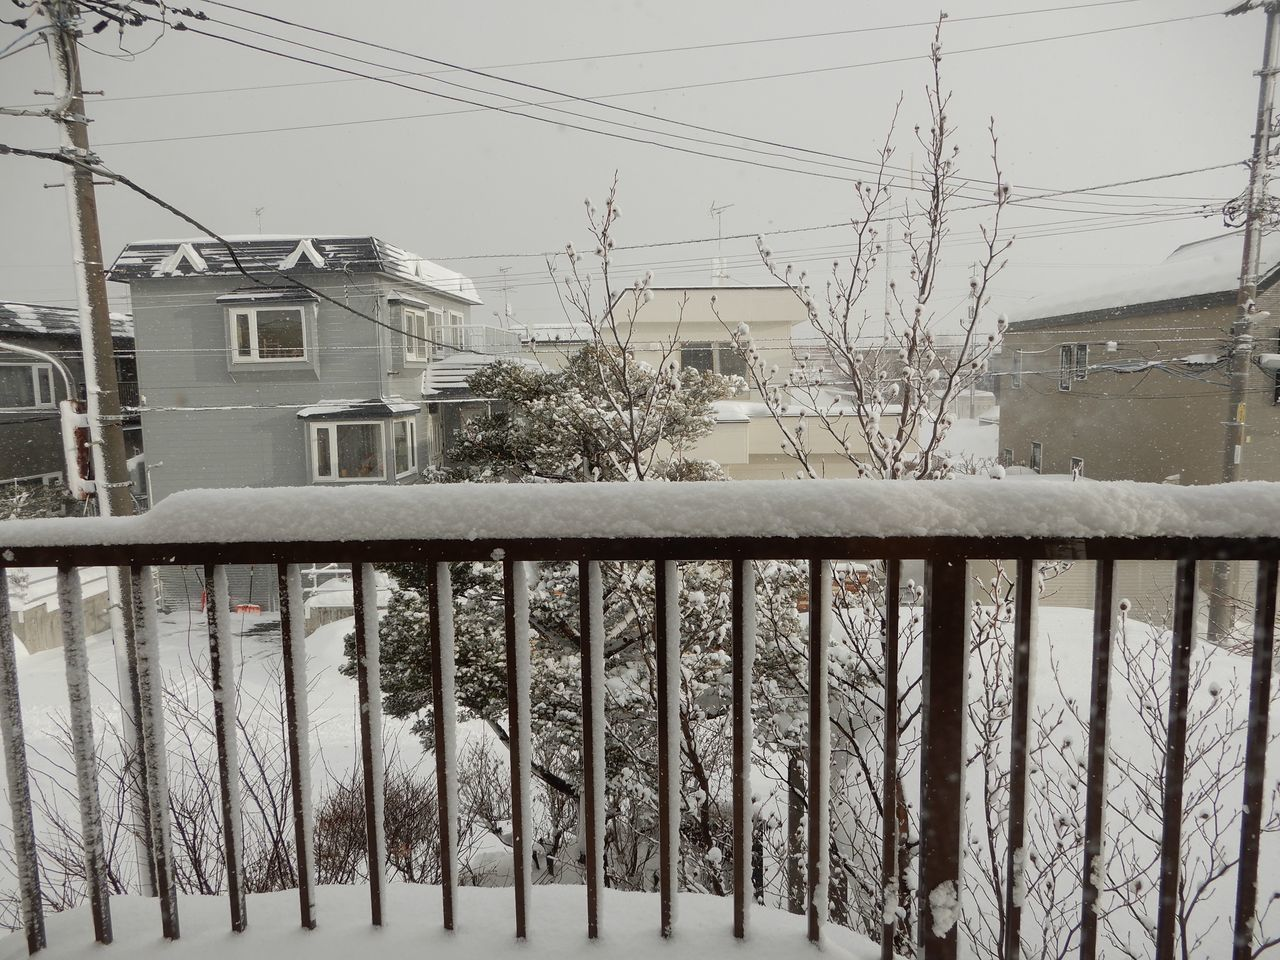 久しぶりの本格的降雪_c0025115_21213936.jpg